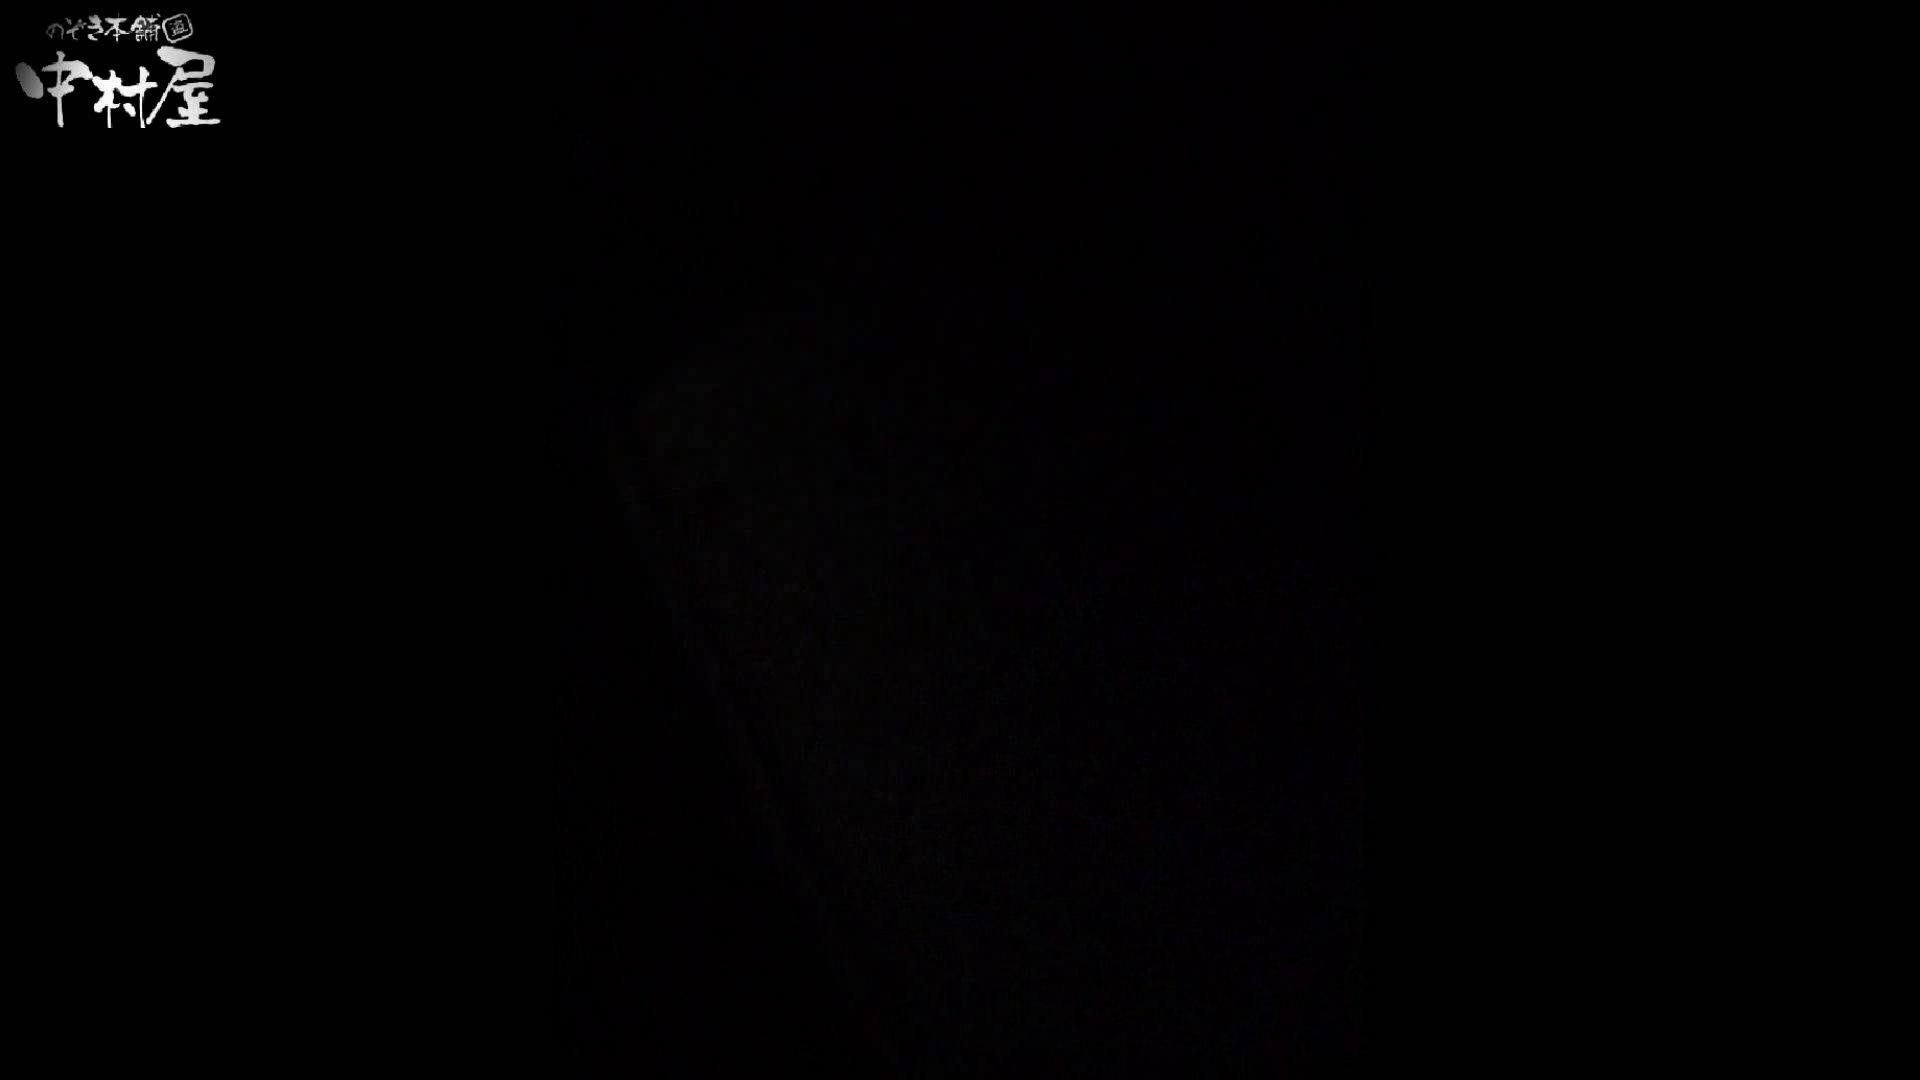 民家風呂専門盗撮師の超危険映像 vol.015 民家シリーズ すけべAV動画紹介 99PIX 8